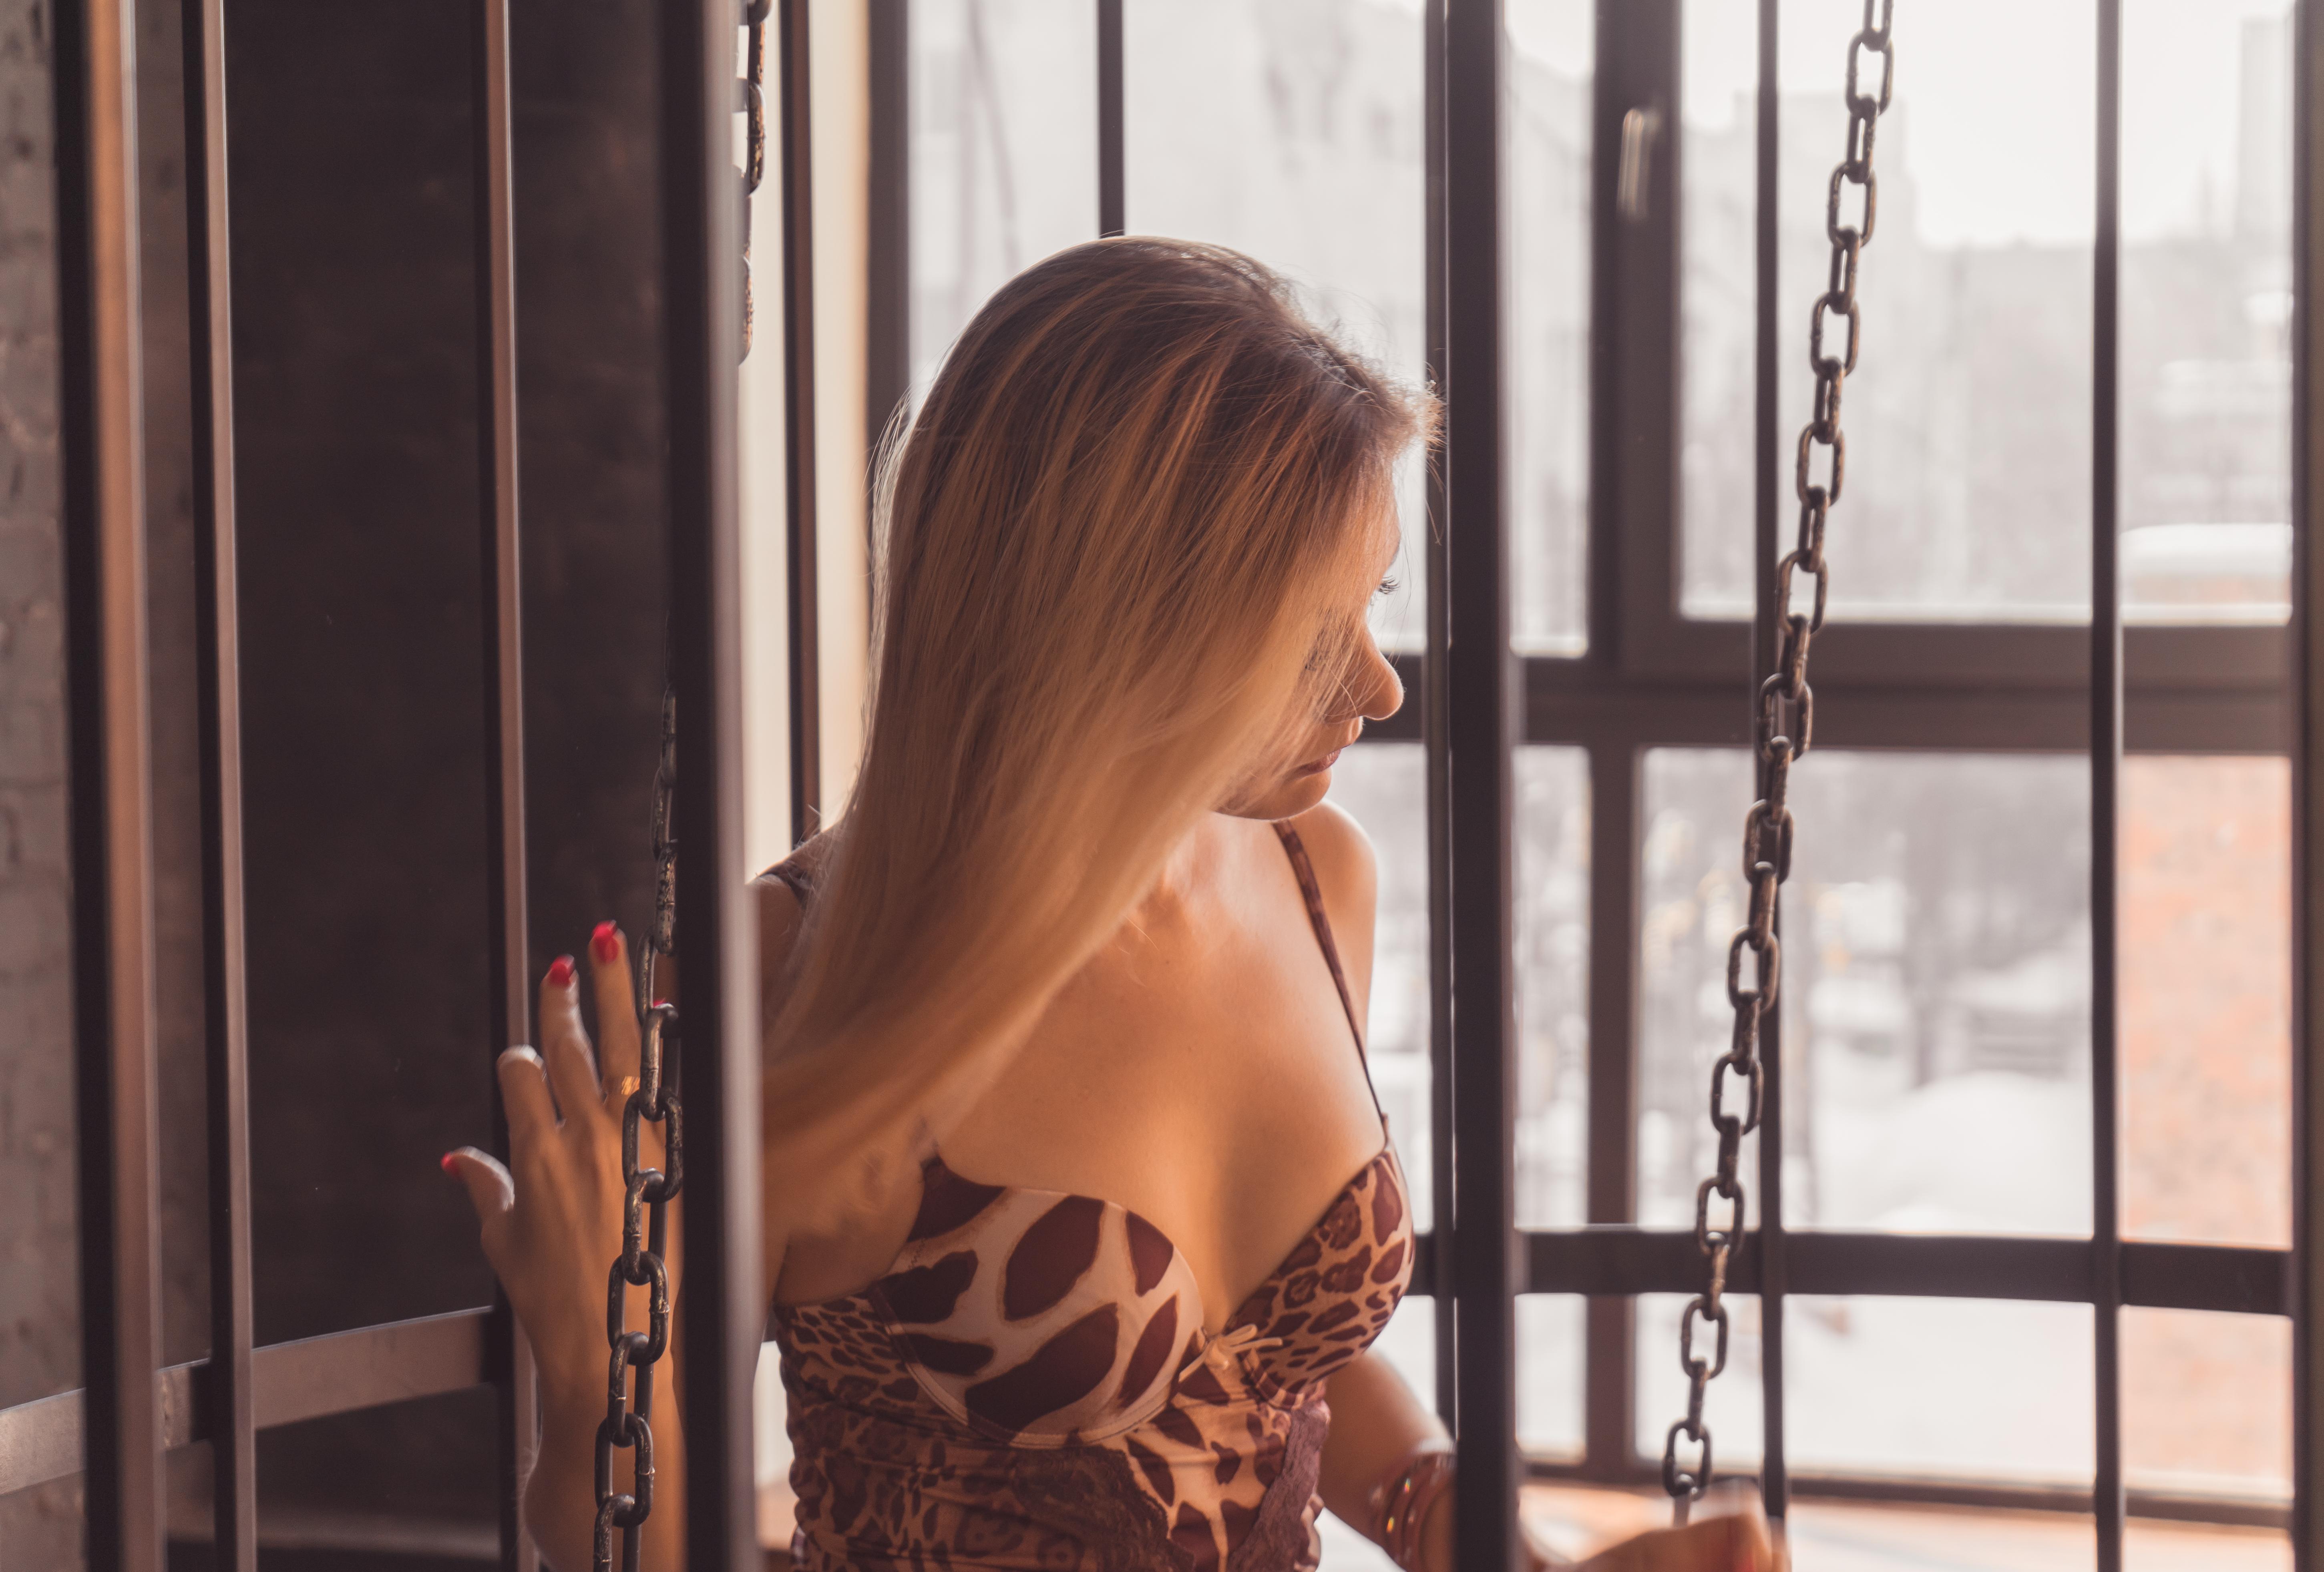 Модель Виктория Кузнецова